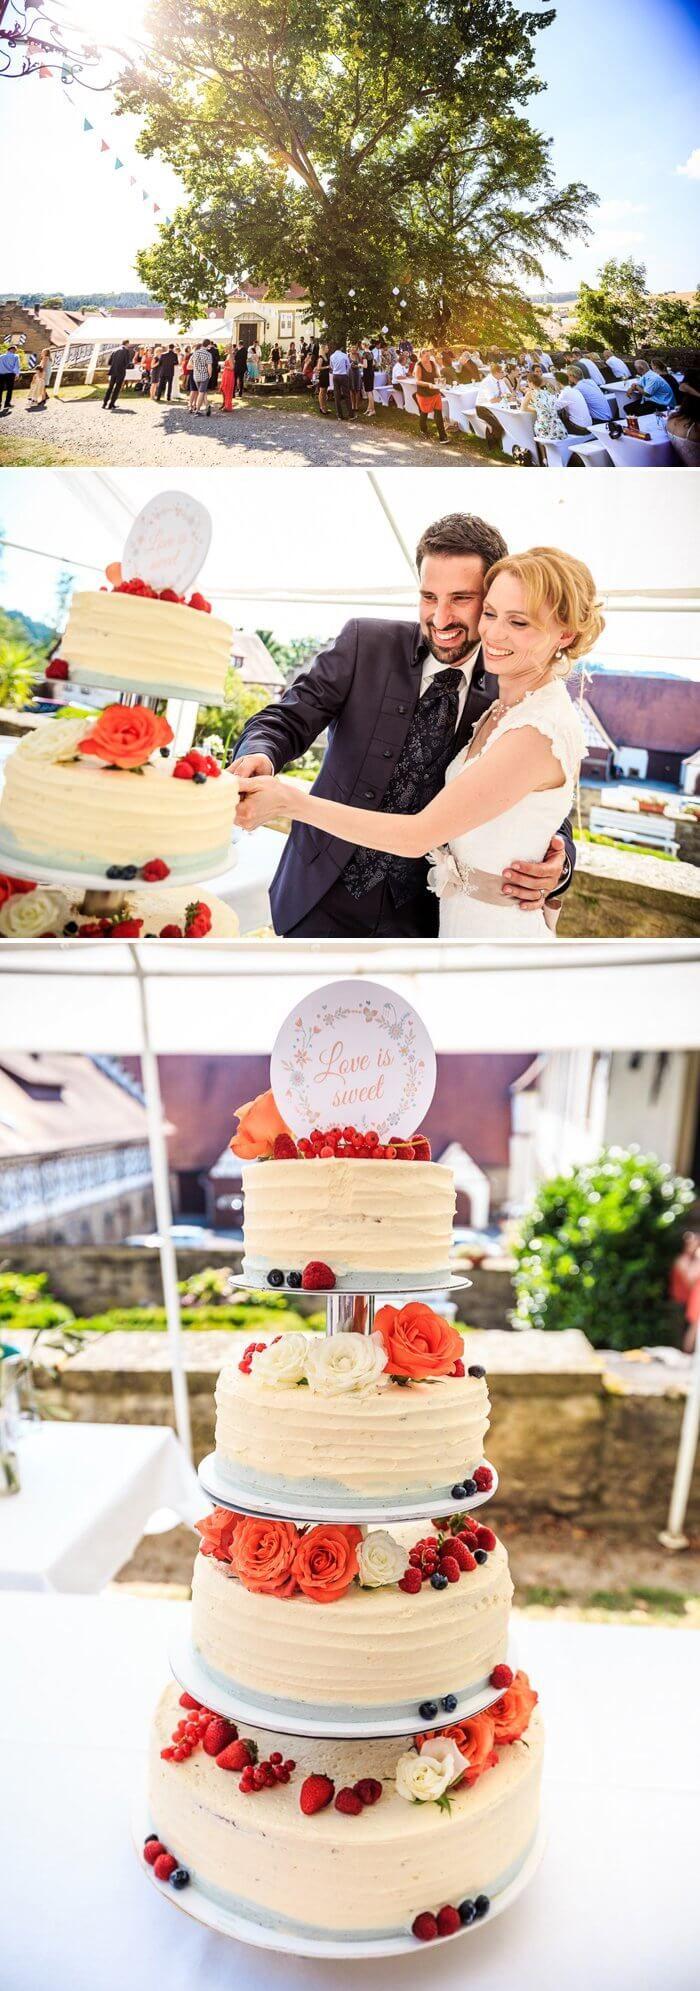 Die 2-stöckige Etagere-Hochzeitstorte sieht wirklich zum Anbeißen aus. Die frischen Früchte bringen einen saftigen Ausgleich zur reichhaltigen Buttercreme. I © Matt Stark